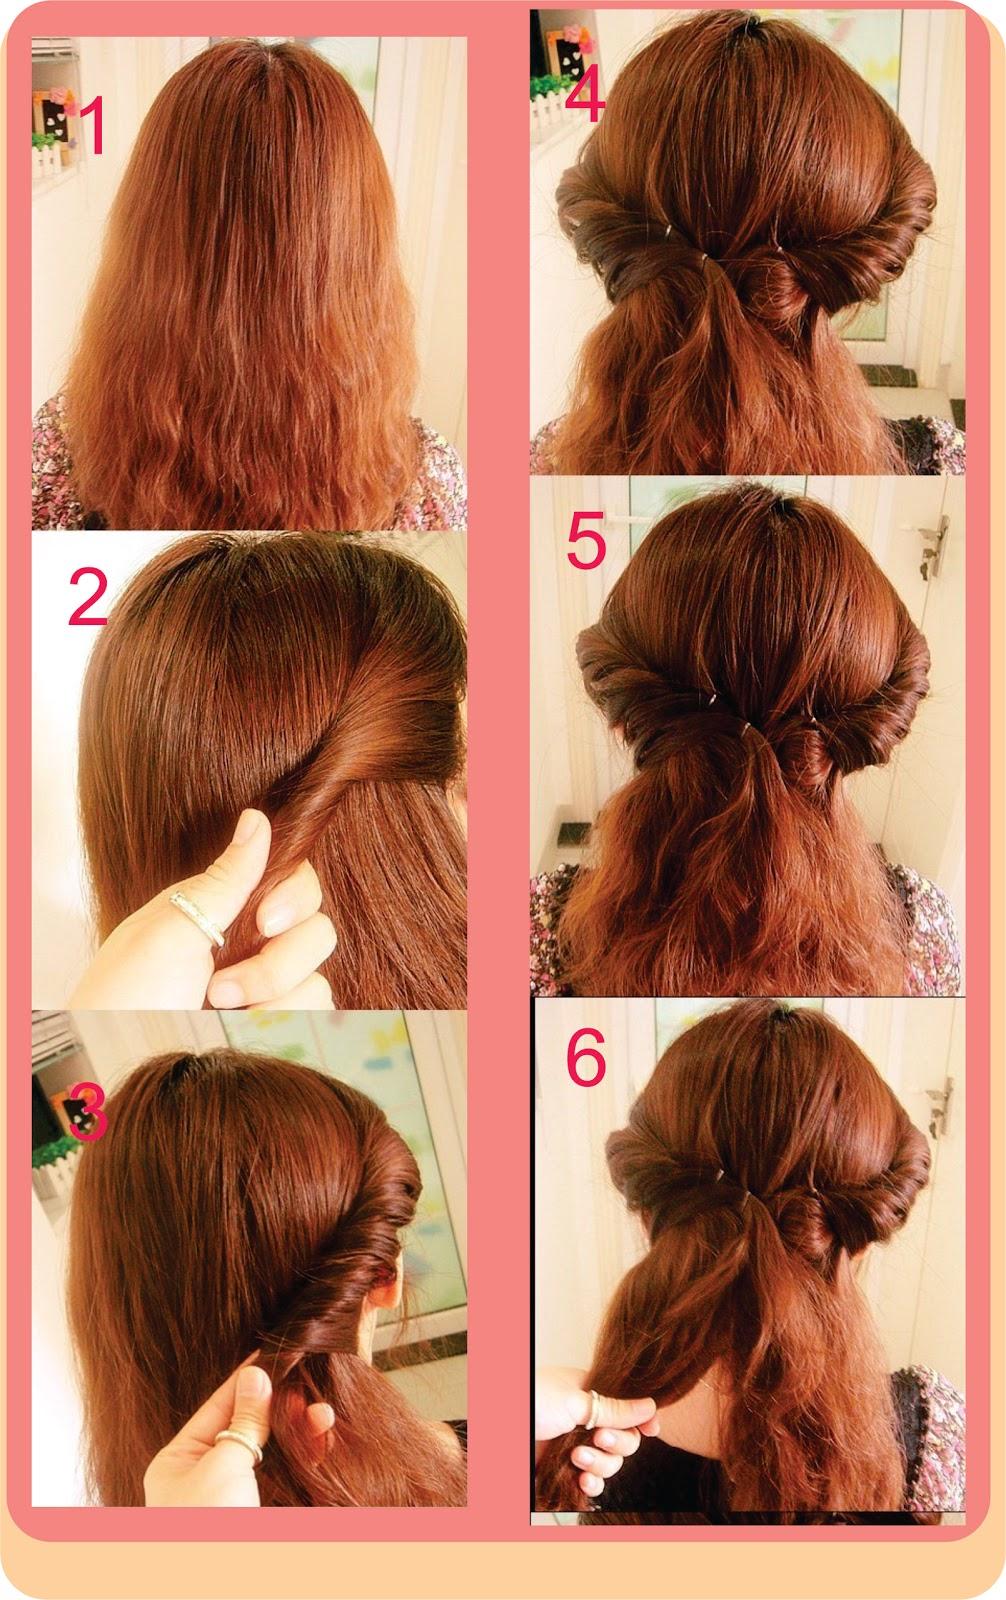 Plan super boda peinados para novias - Peinados bonitos paso a paso ...